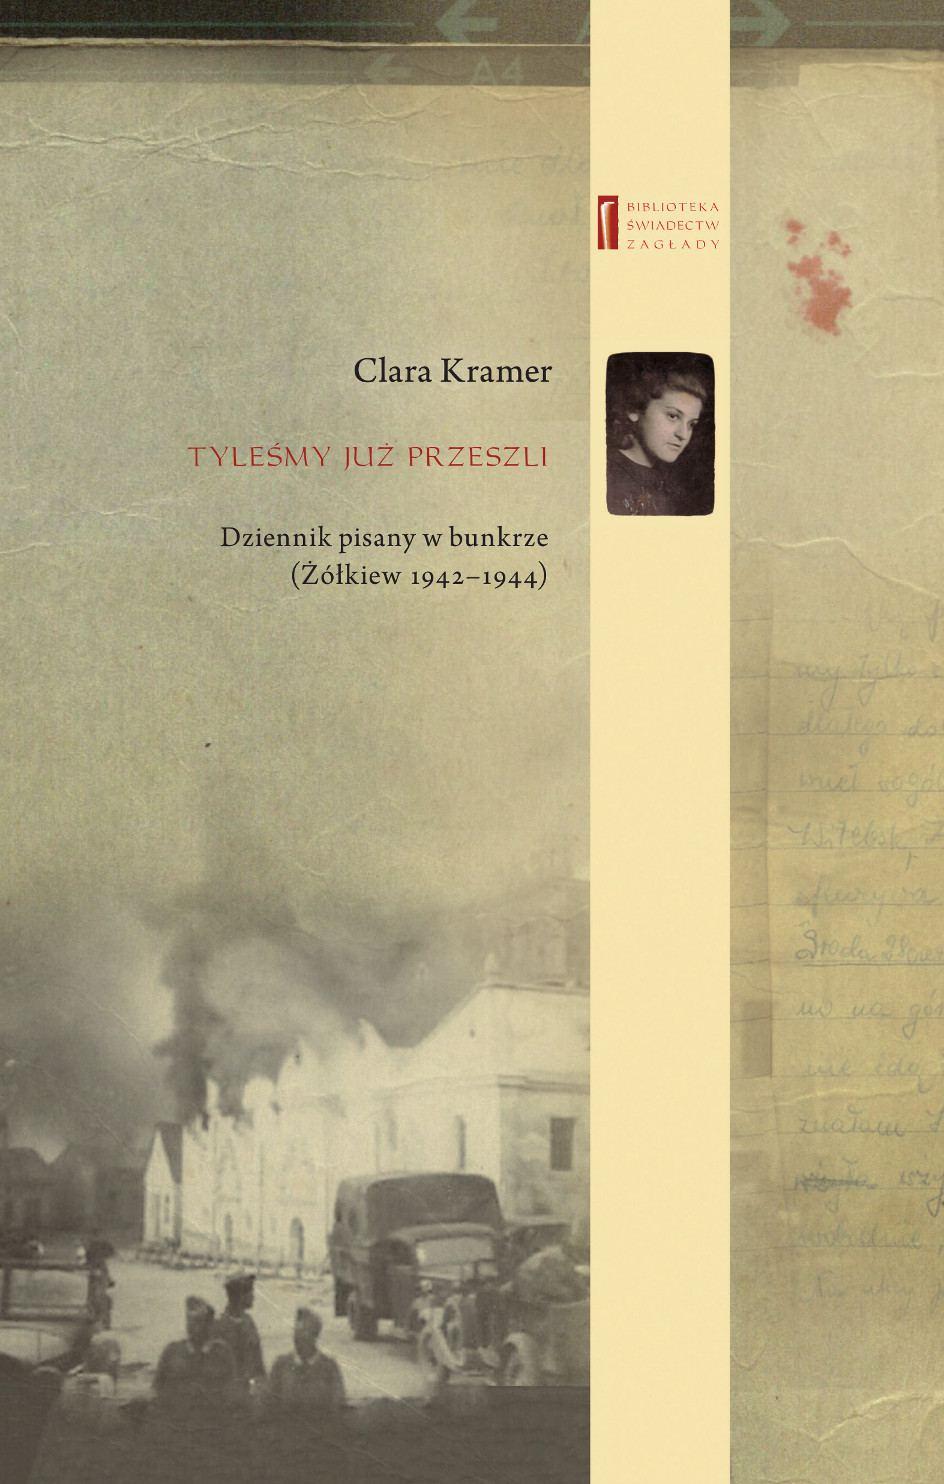 Tyleśmy już przeszli ... Dziennik pisany w bunkrze (Żółkiew 1942-1944) - Ebook (Książka na Kindle) do pobrania w formacie MOBI